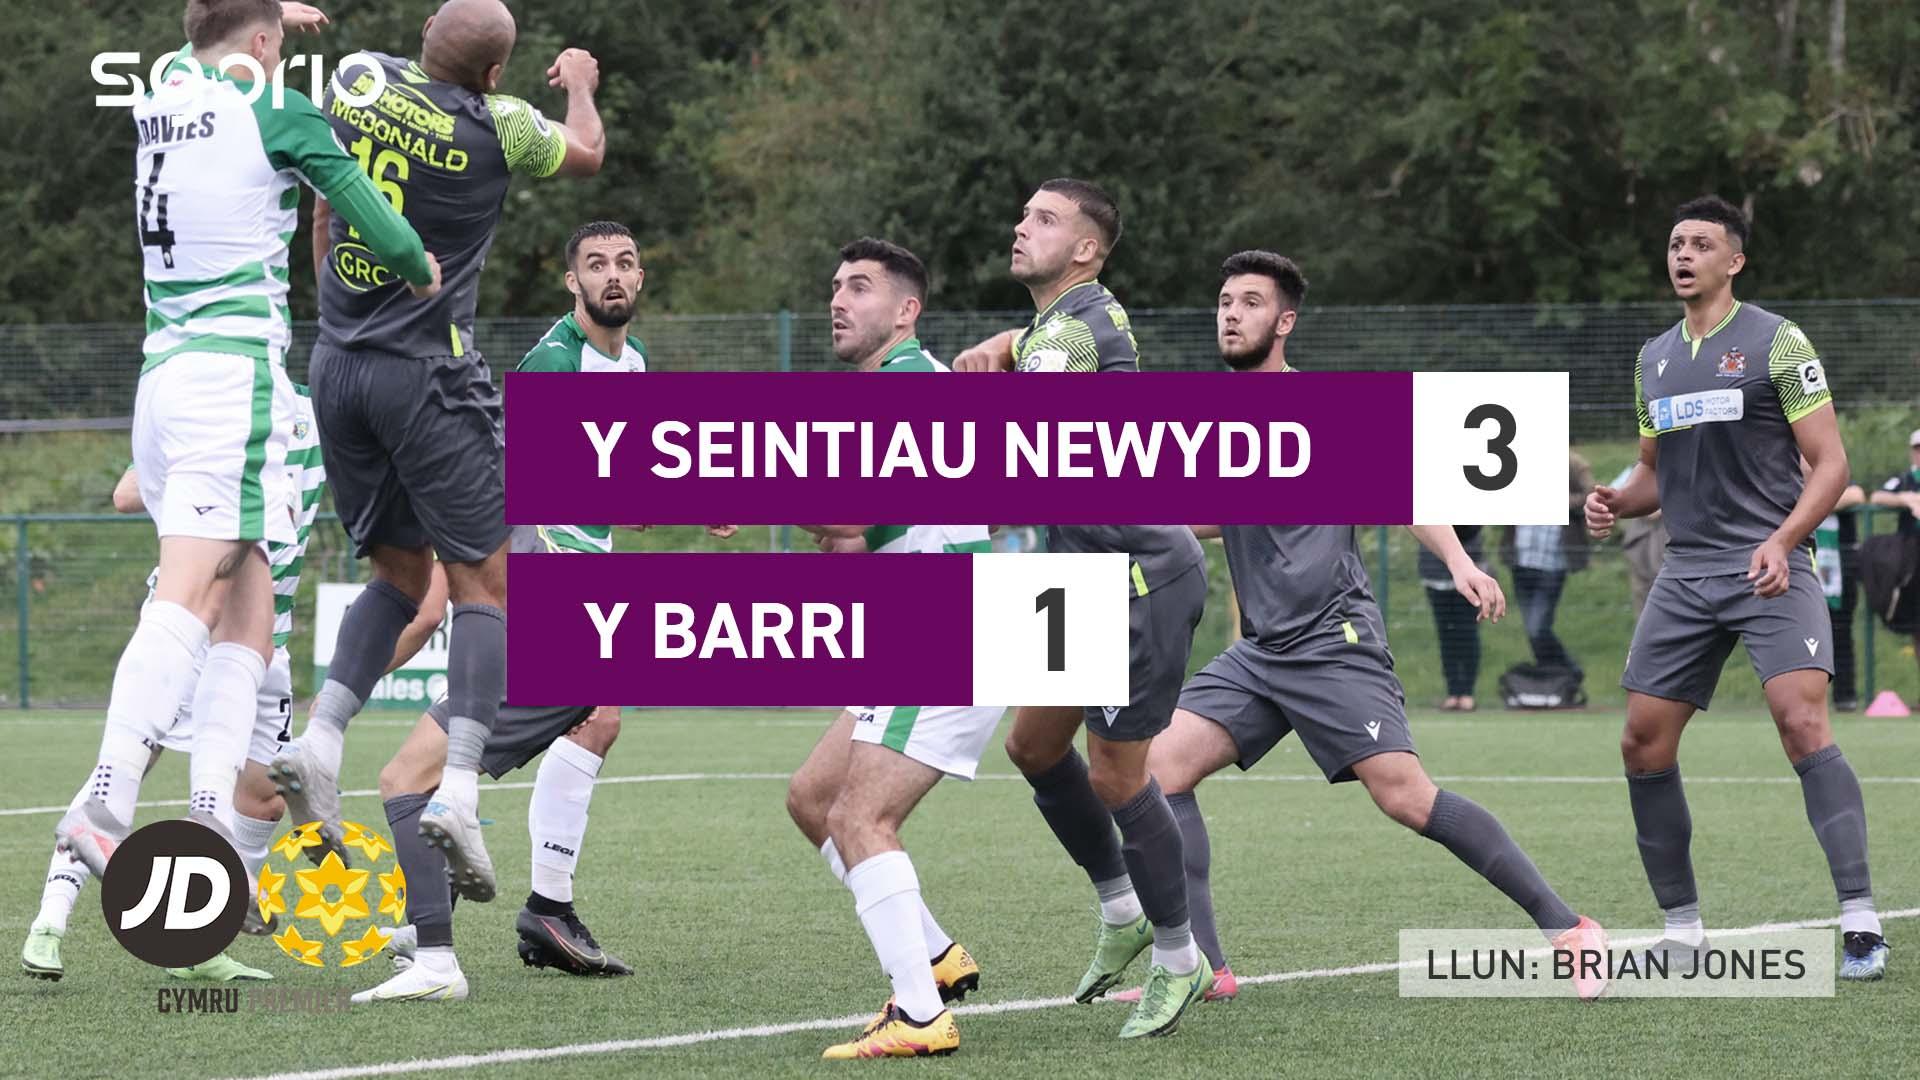 Y Seintiau Newydd 3-1 Y Barri